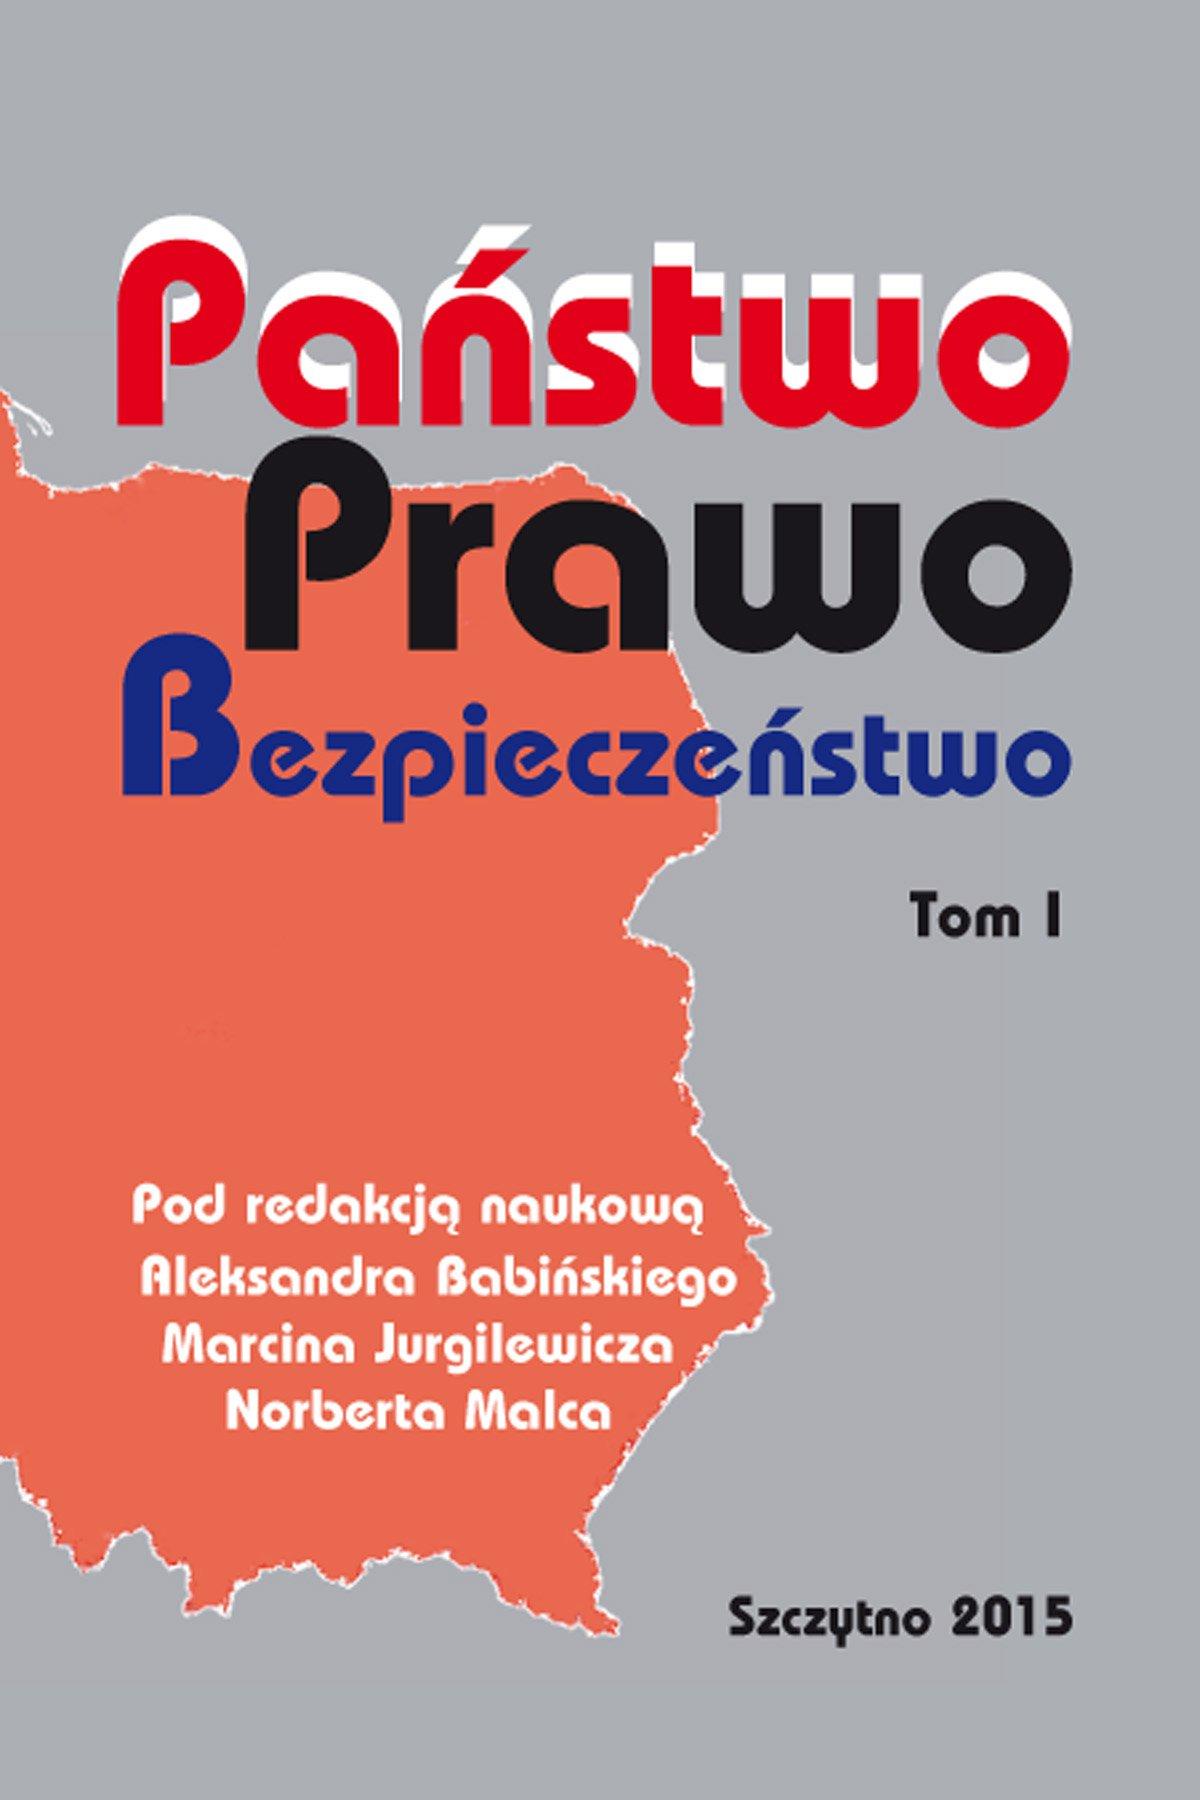 Państwo Prawo Bezpieczeństwo. Tom I - Ebook (Książka PDF) do pobrania w formacie PDF